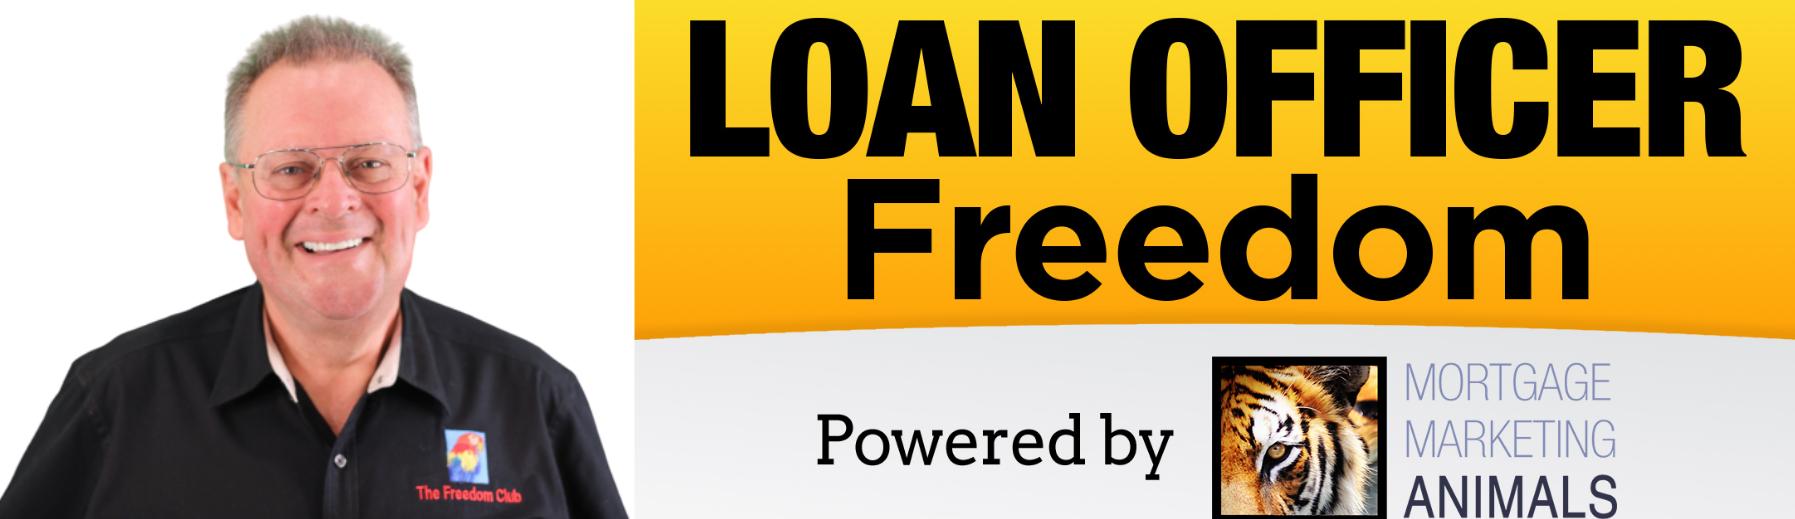 Loan Officer Freedom